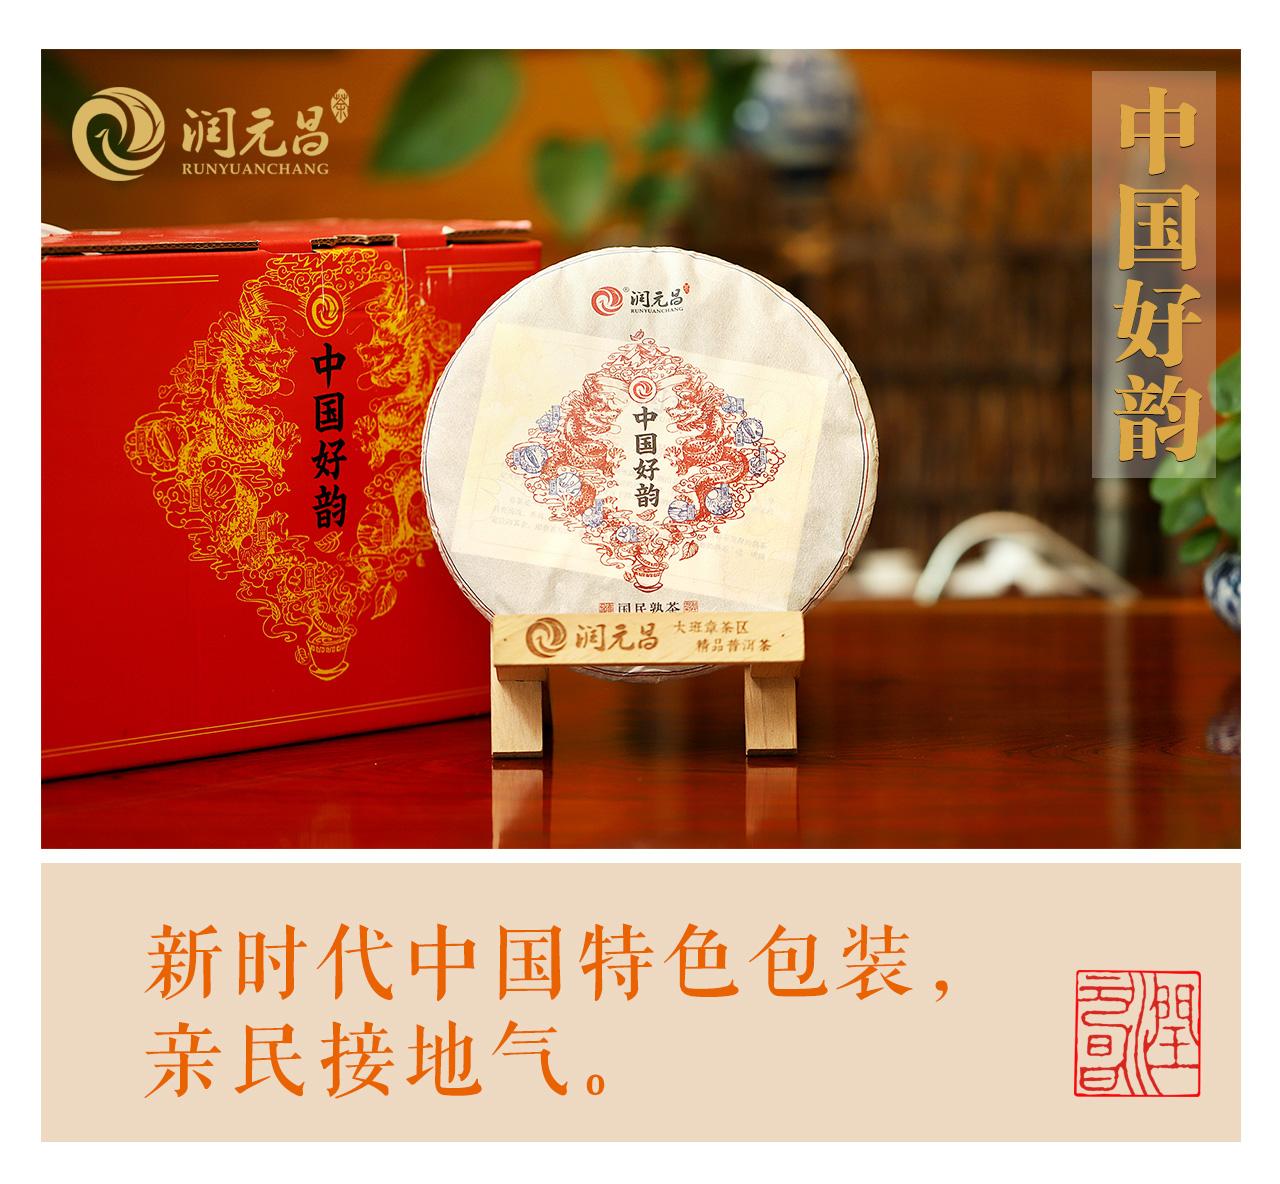 润元昌中国好韵_普洱茶品牌